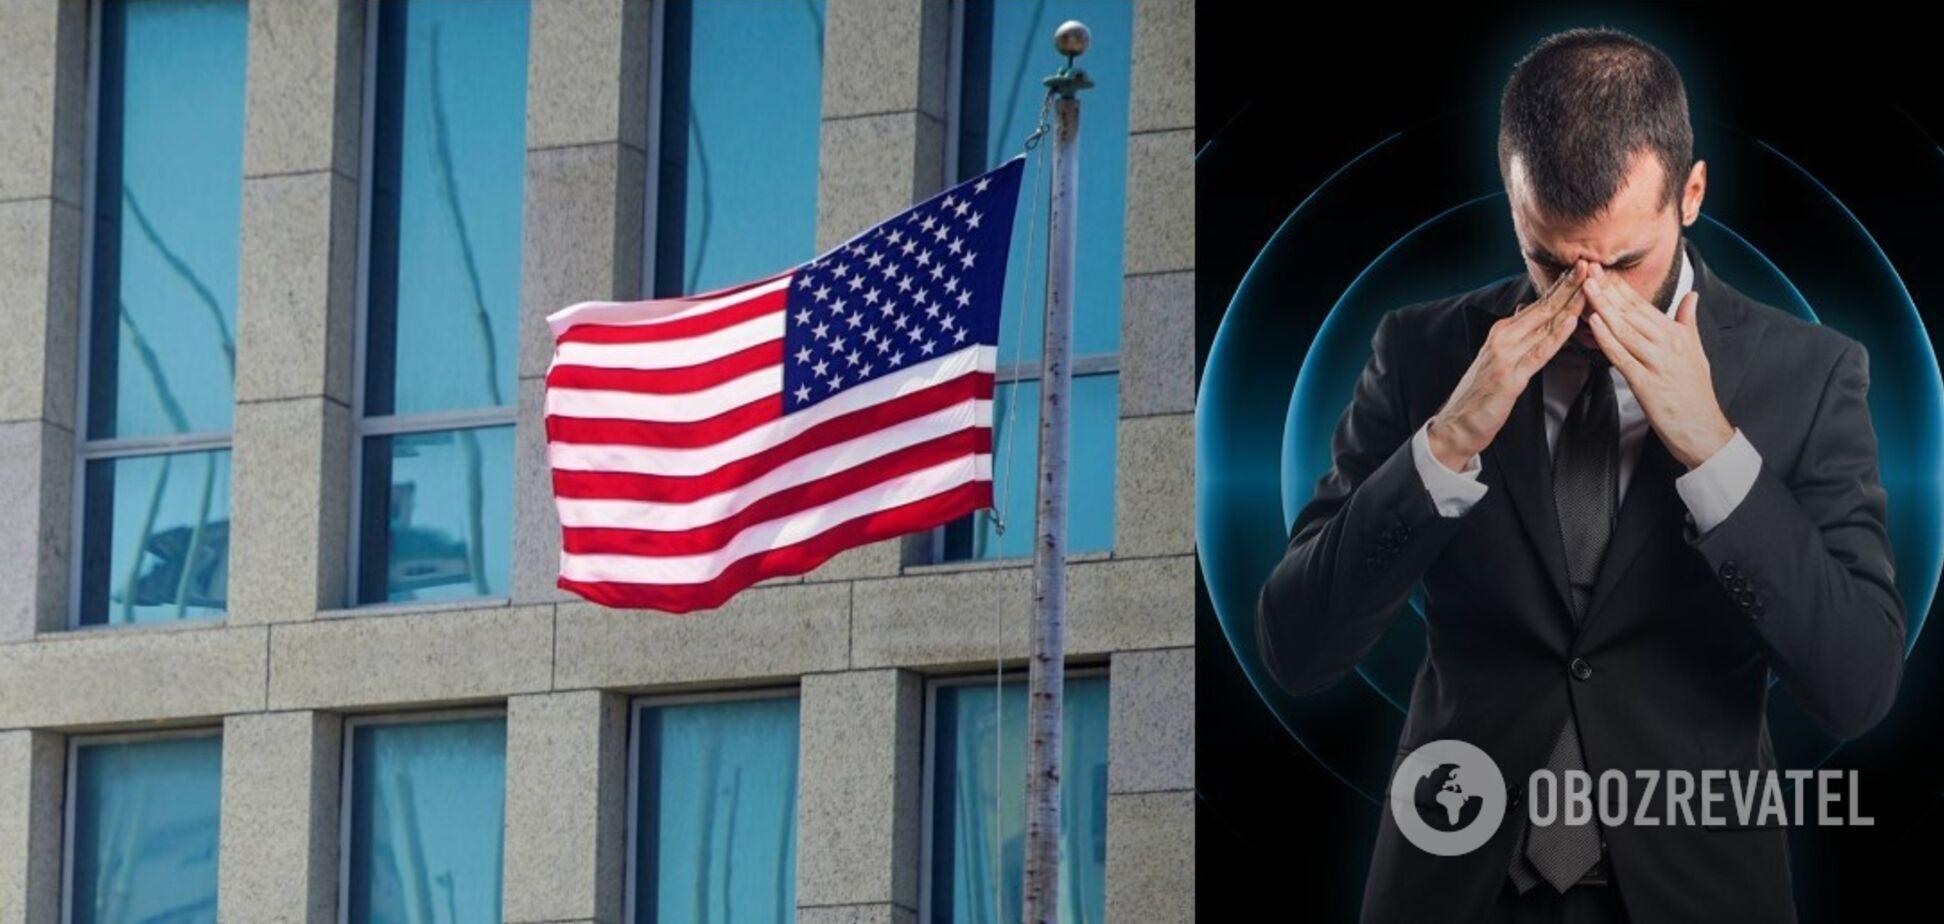 В США намерены расследовать эпизоды заболевания дипломатов 'гавайским синдромом'